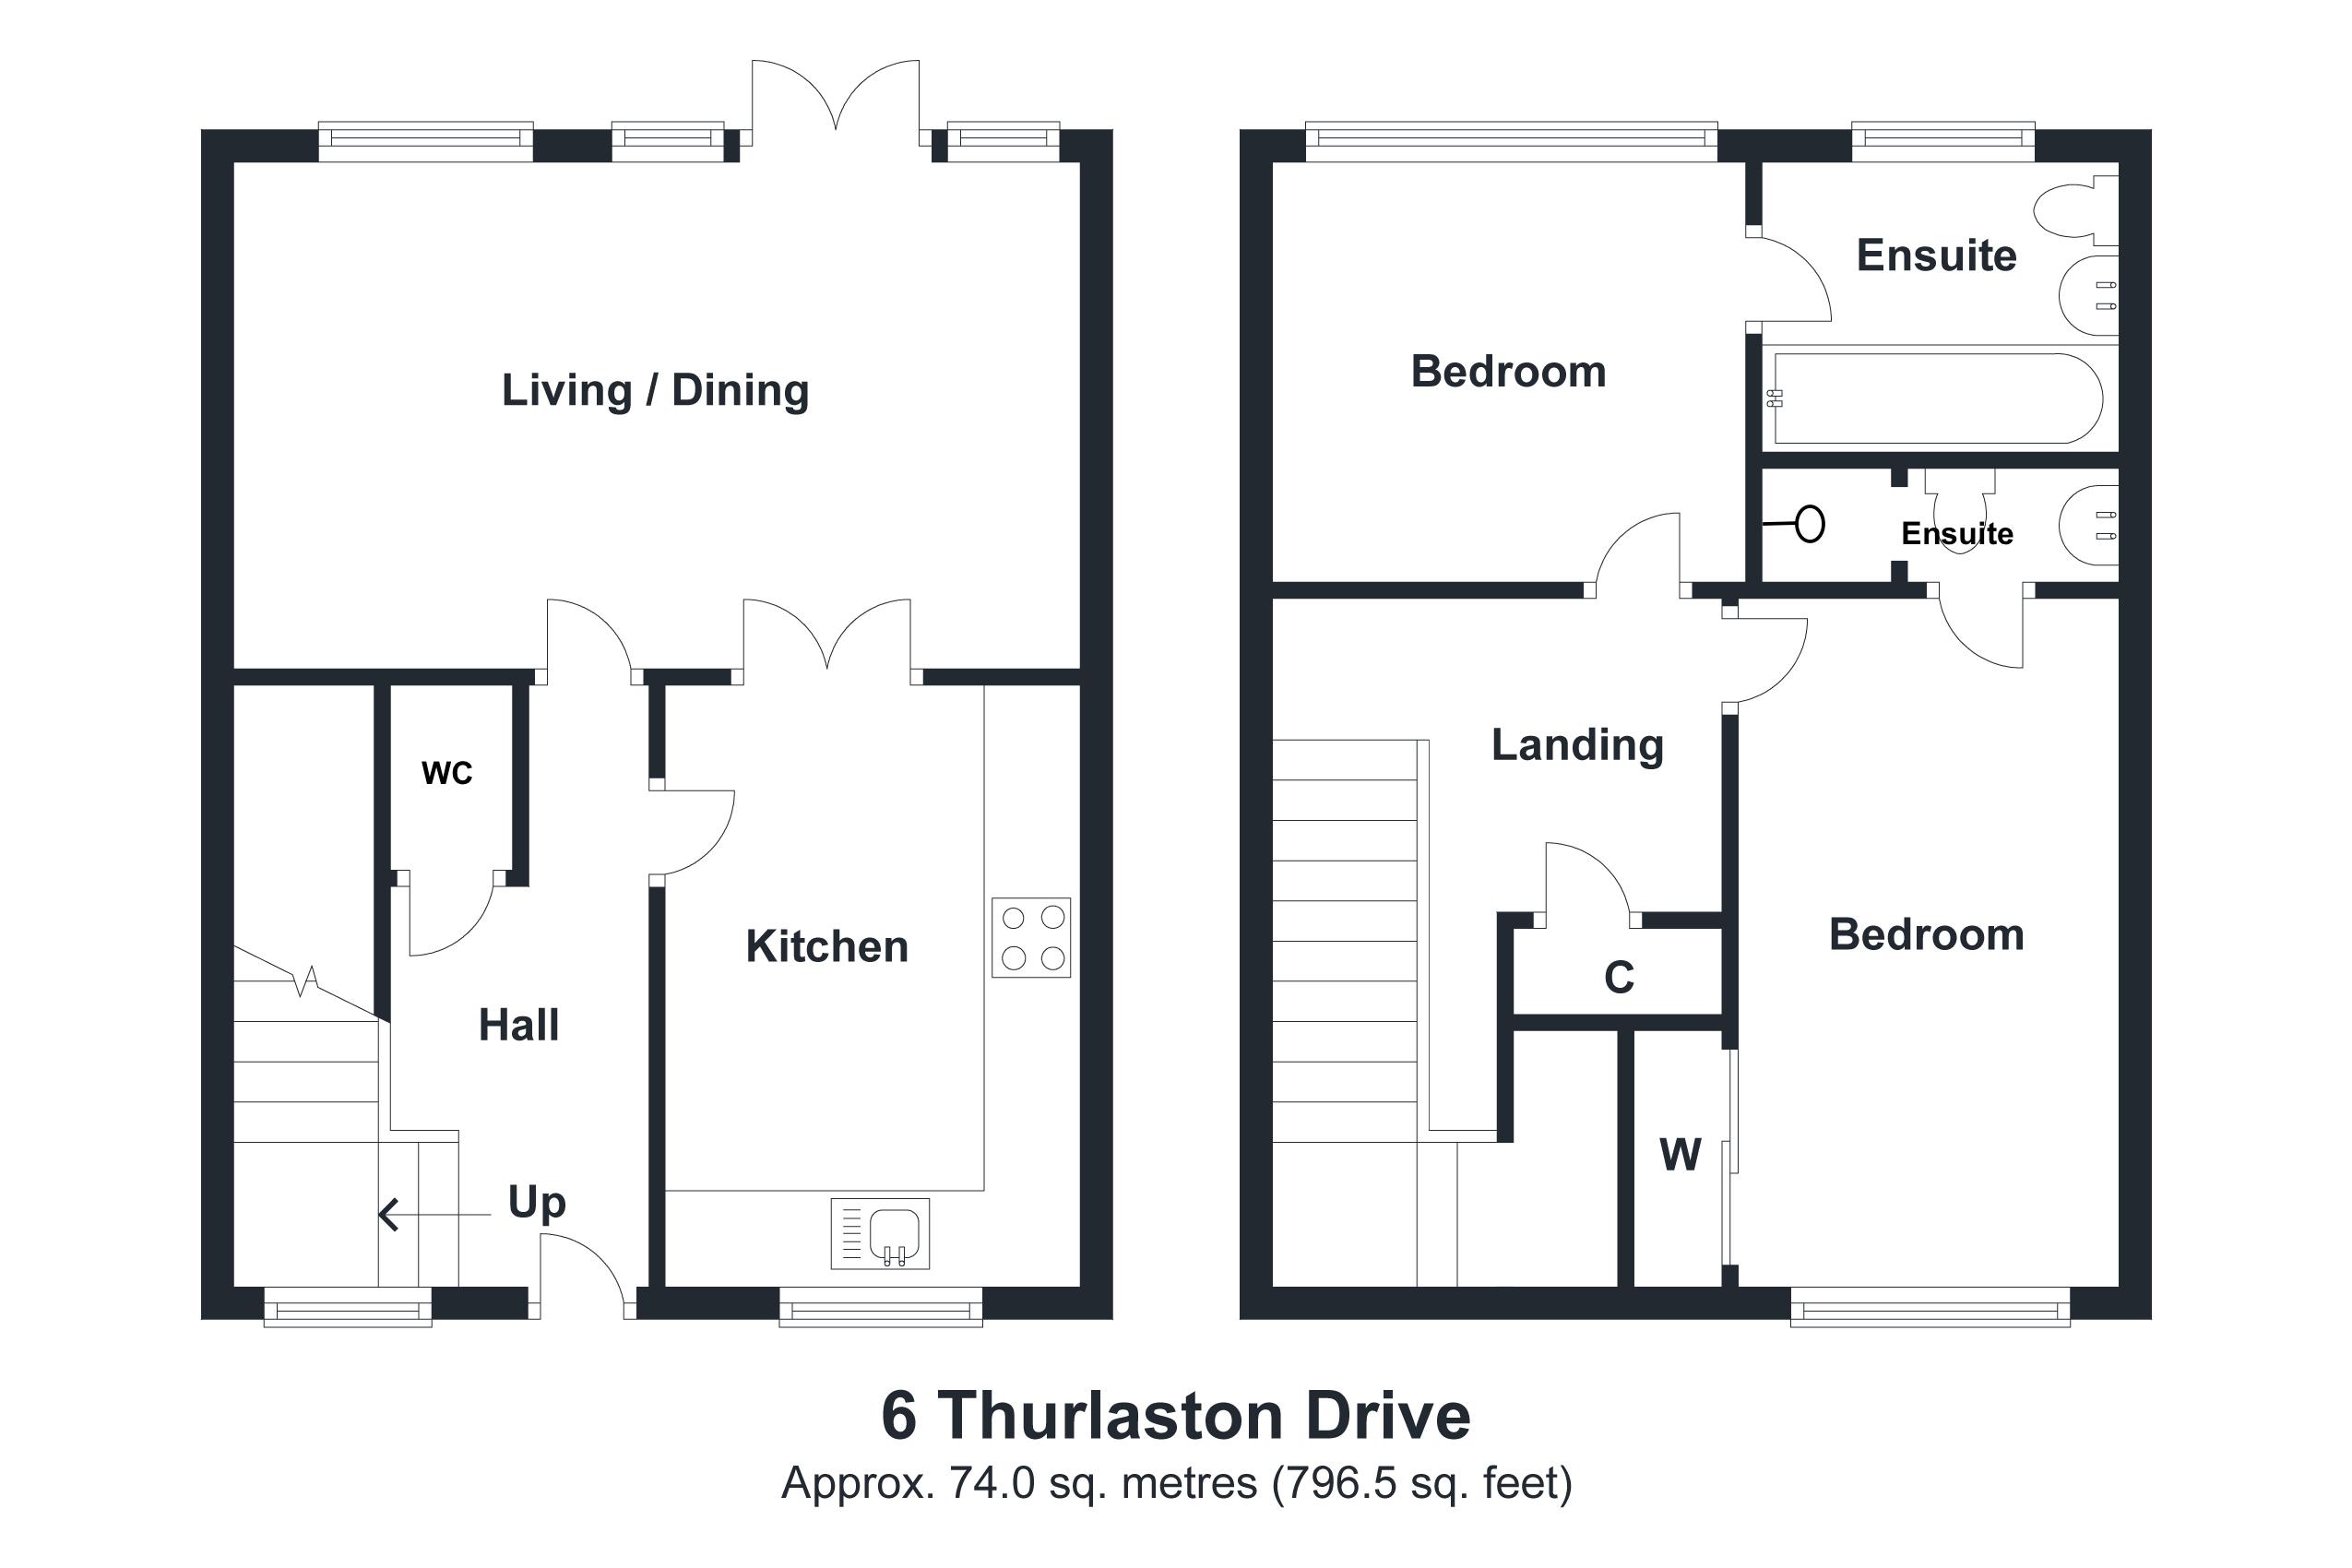 6 Thurlaston Drive Floorplan